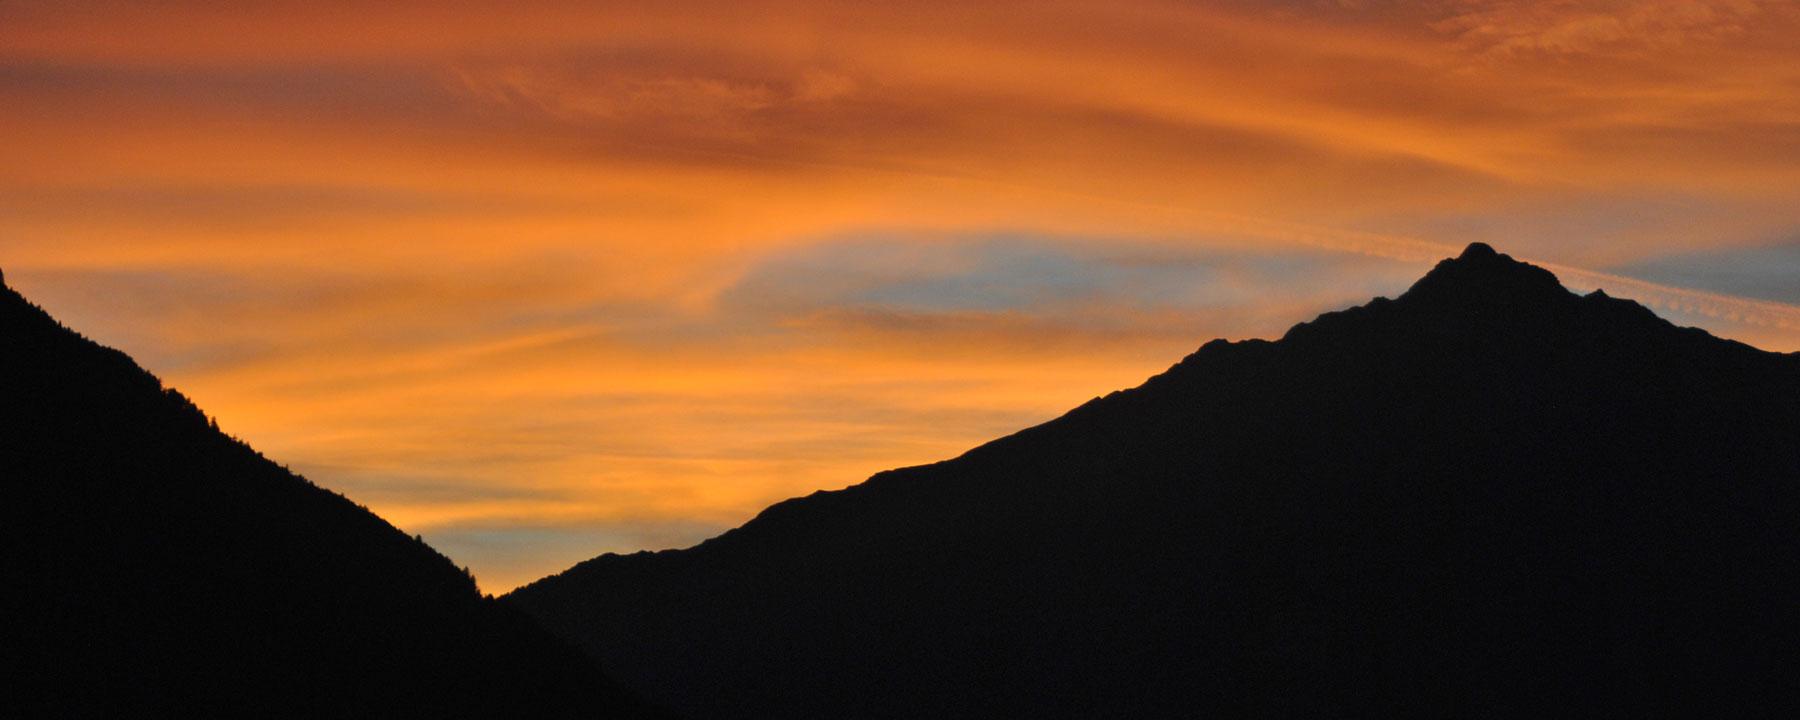 Sonnenaufgang-Laugen